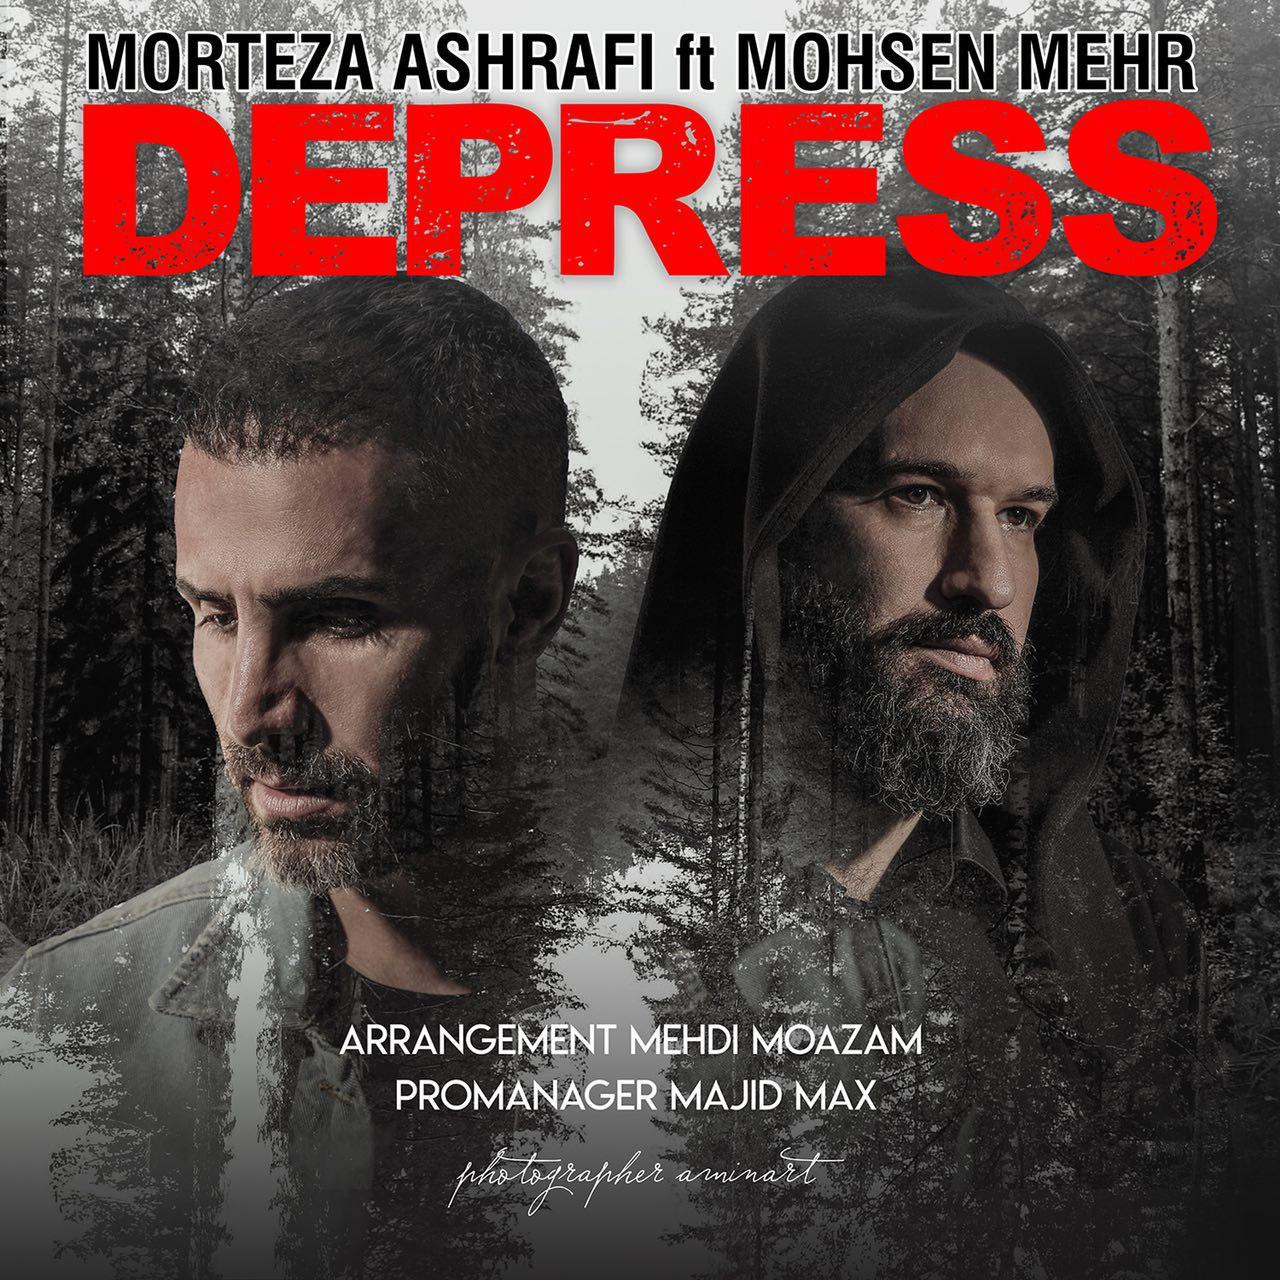 دانلود آهنگ جدید مرتضی اشرفی و محسن مهر به نام دپرس